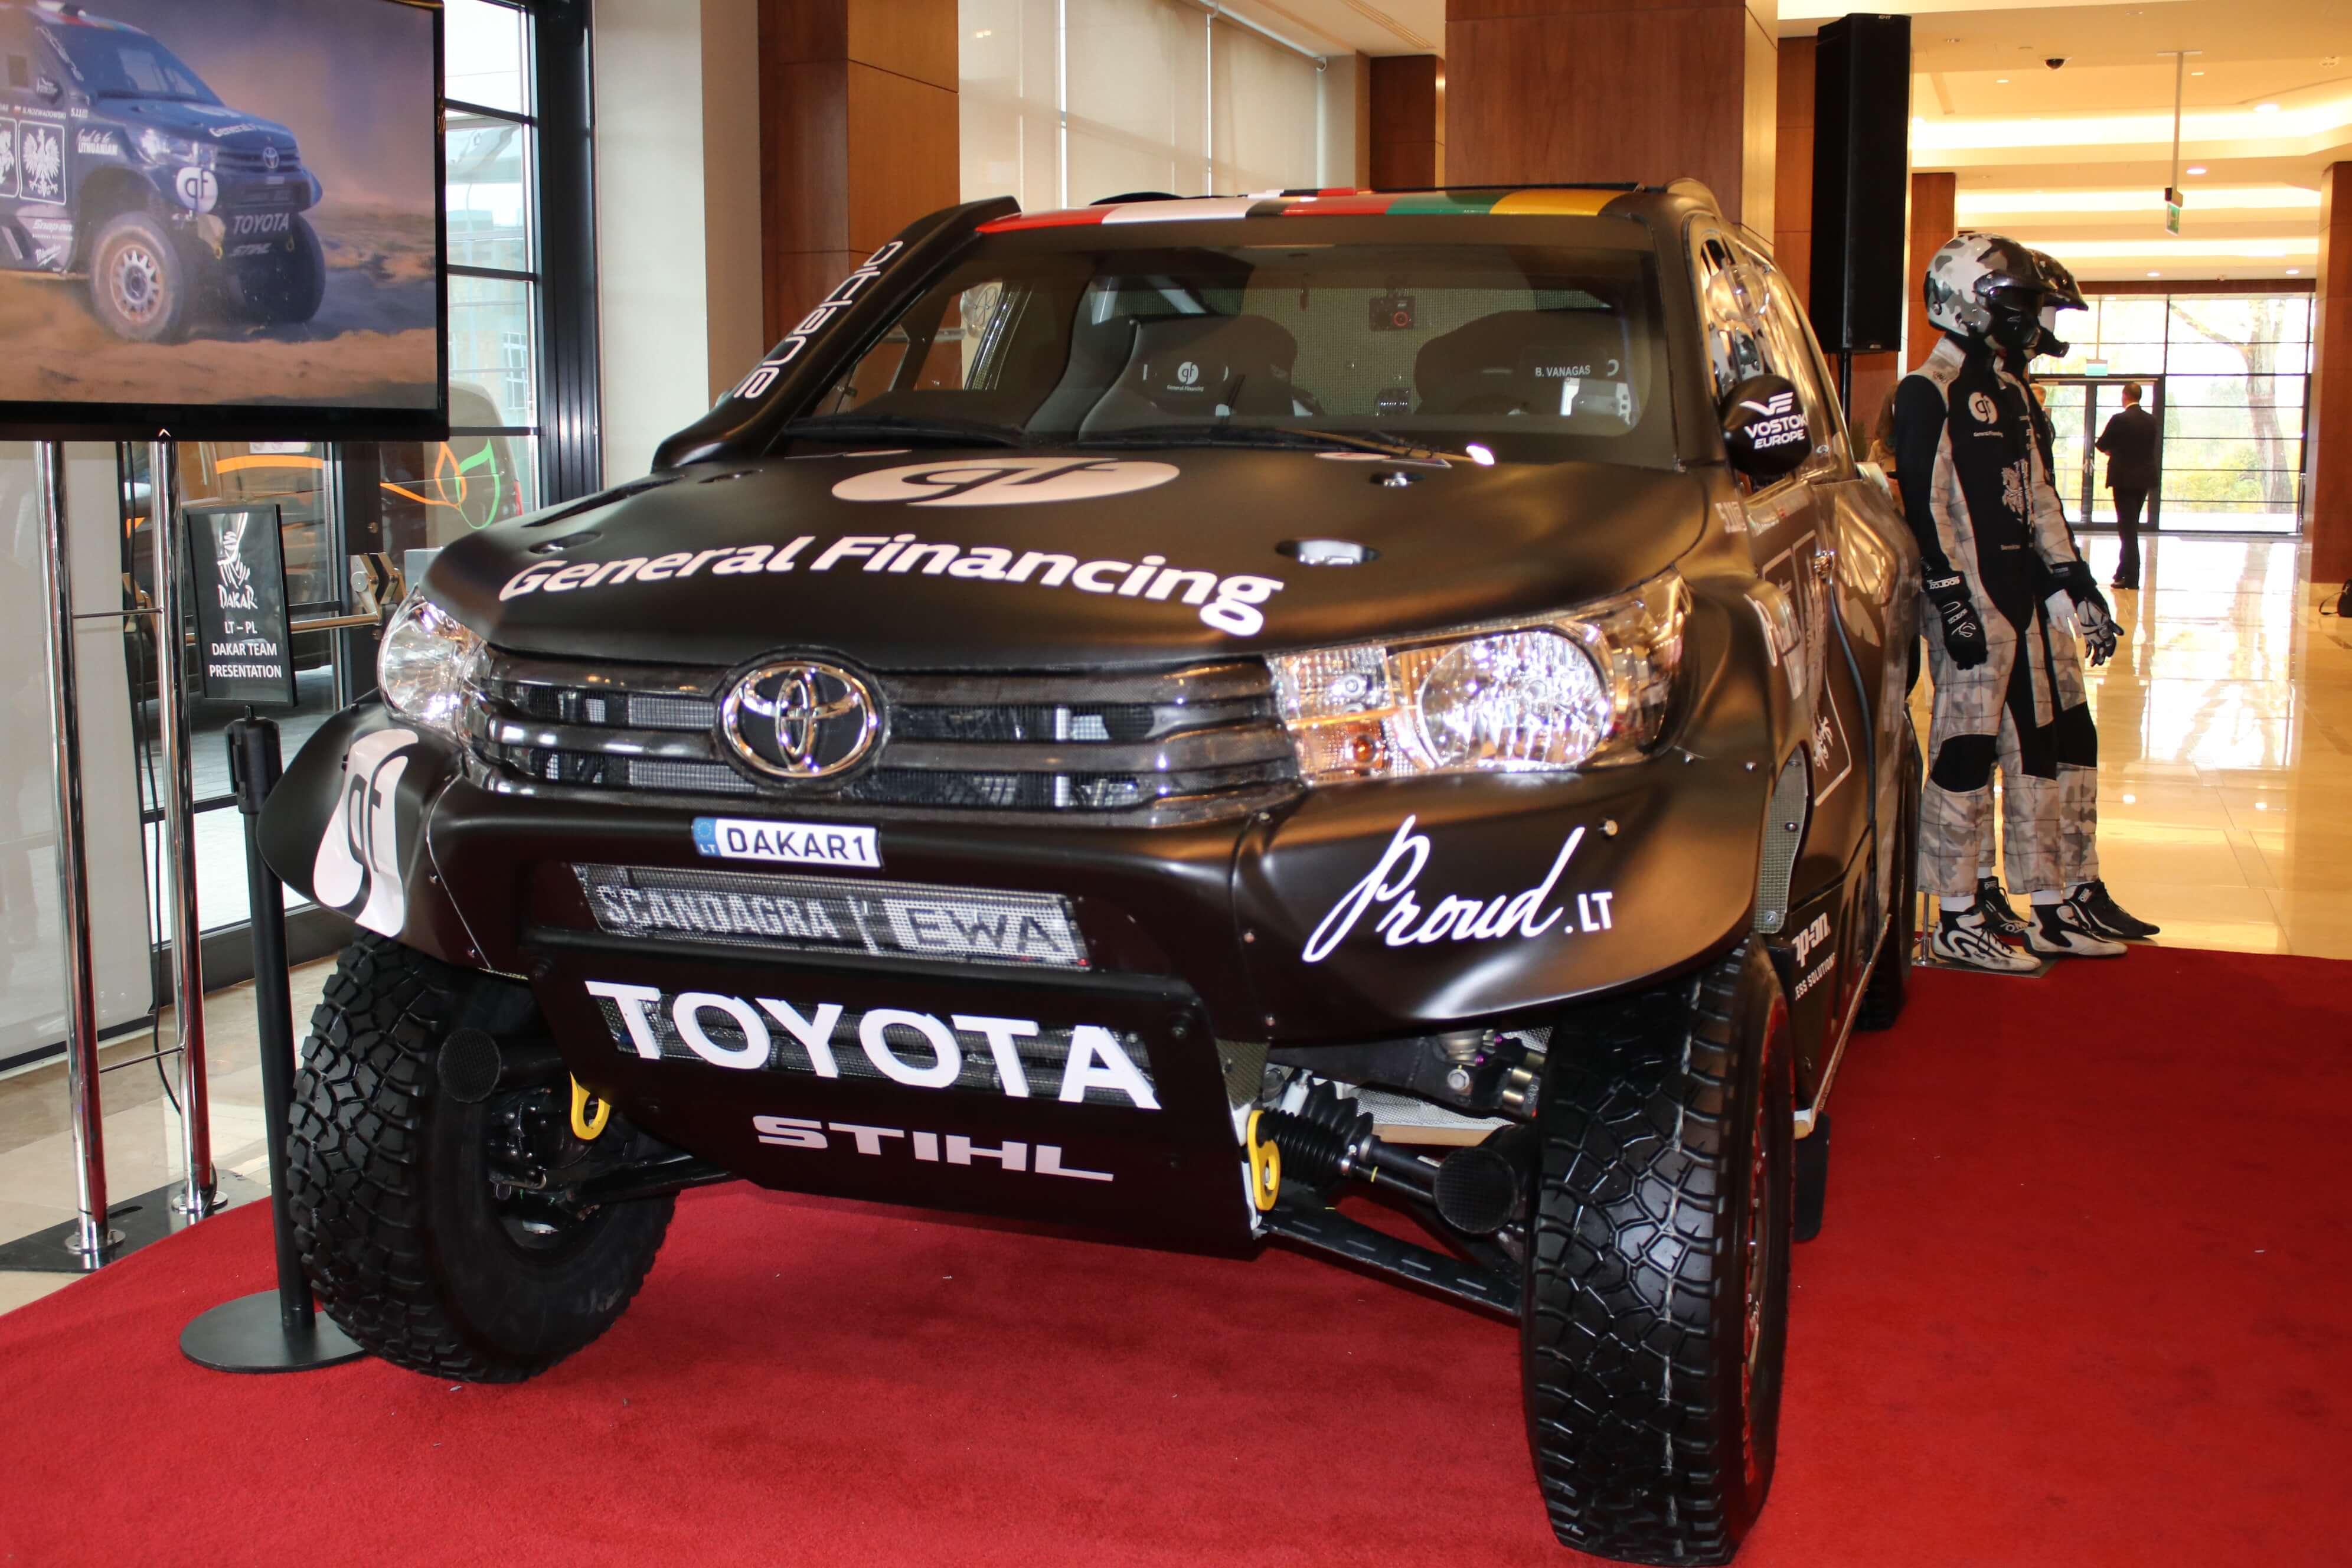 Samochód rajdowy na Rajd Dakar 2019